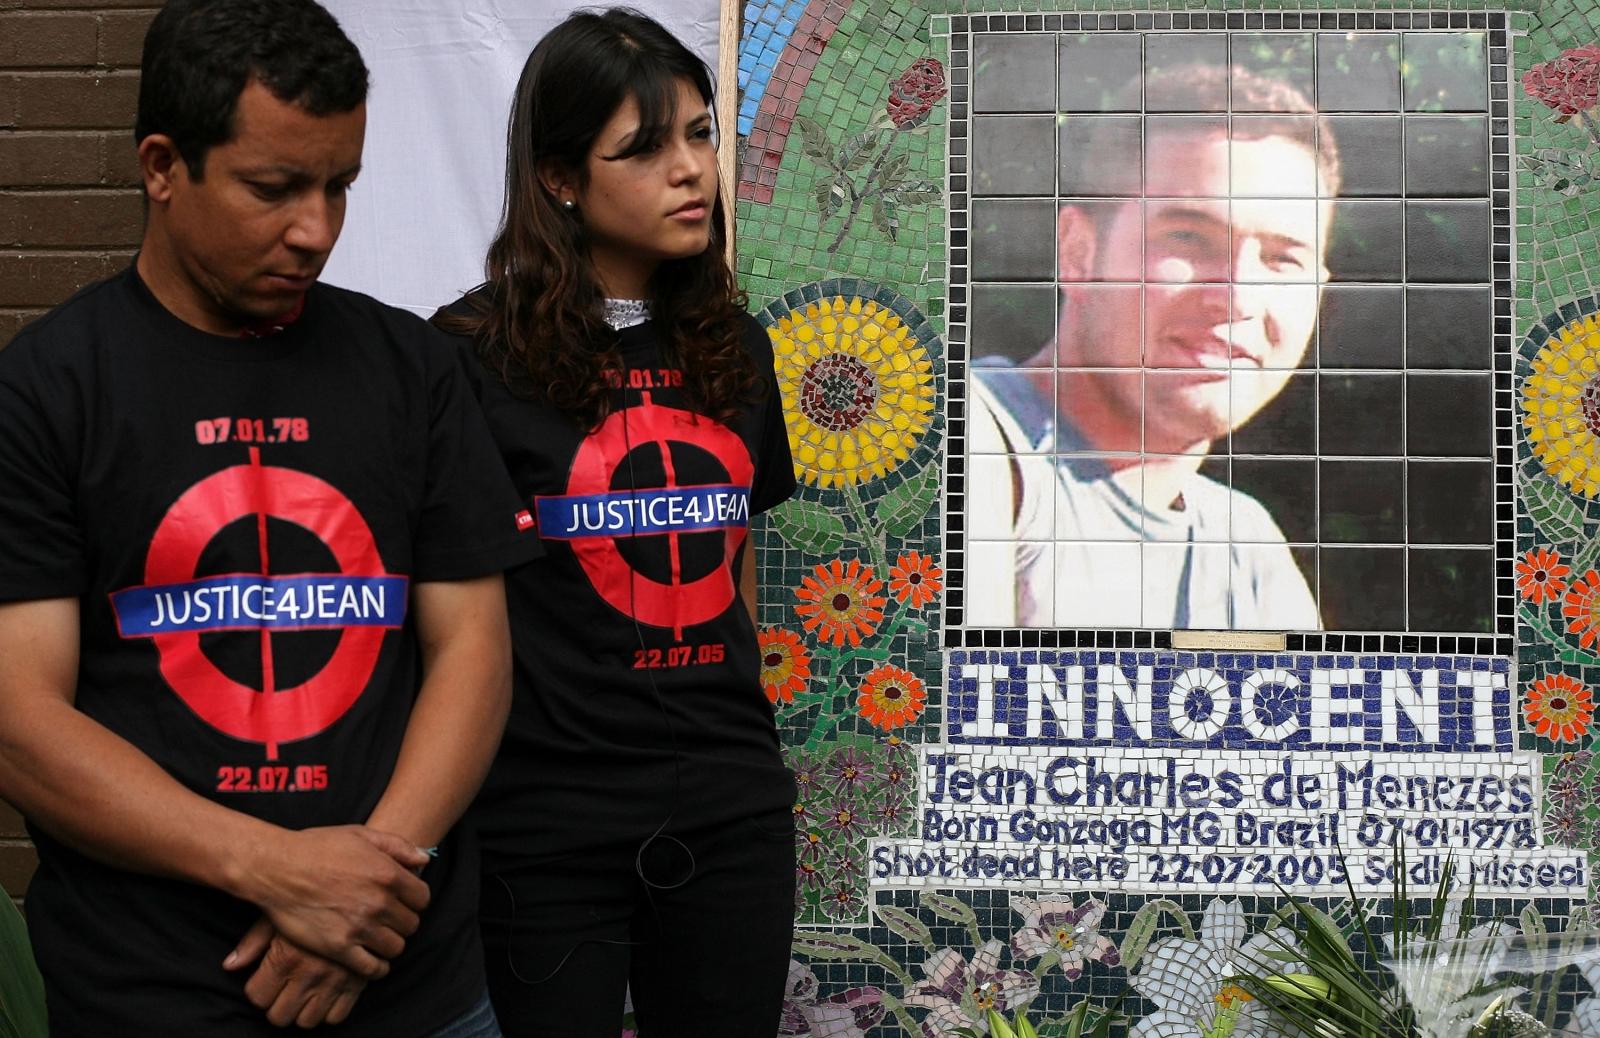 ean Charles De Menezes